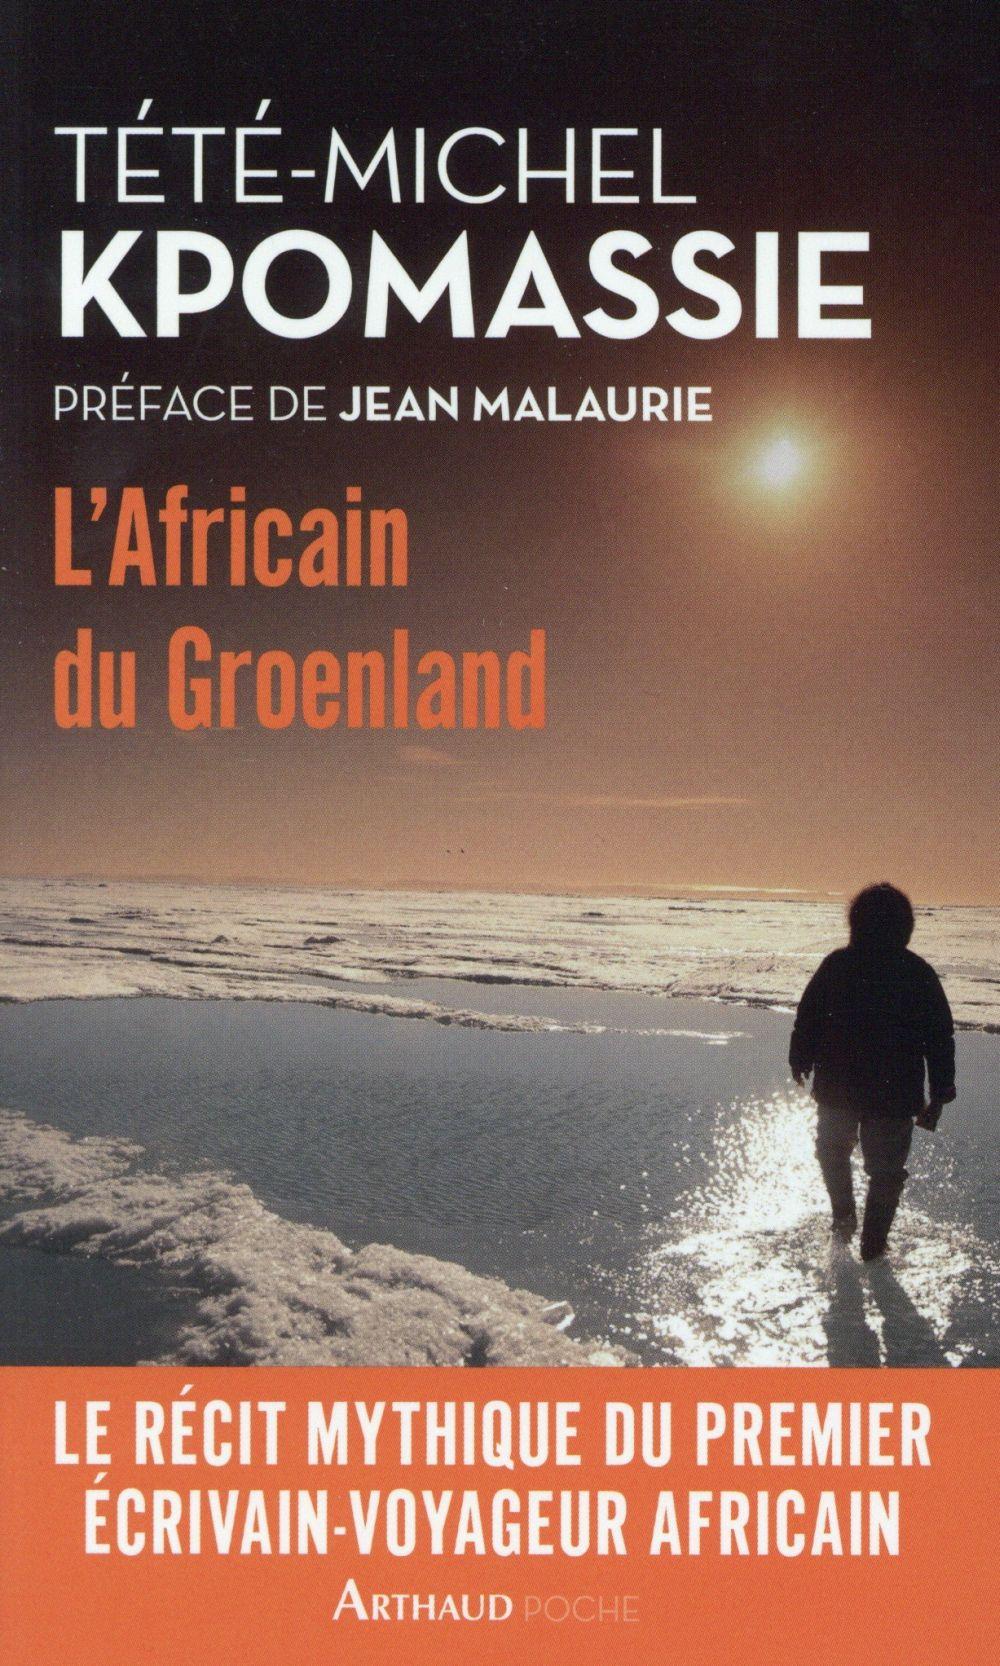 L'AFRICAIN DU GROENLAND KPOMASSIE TETE-MICHE Arthaud